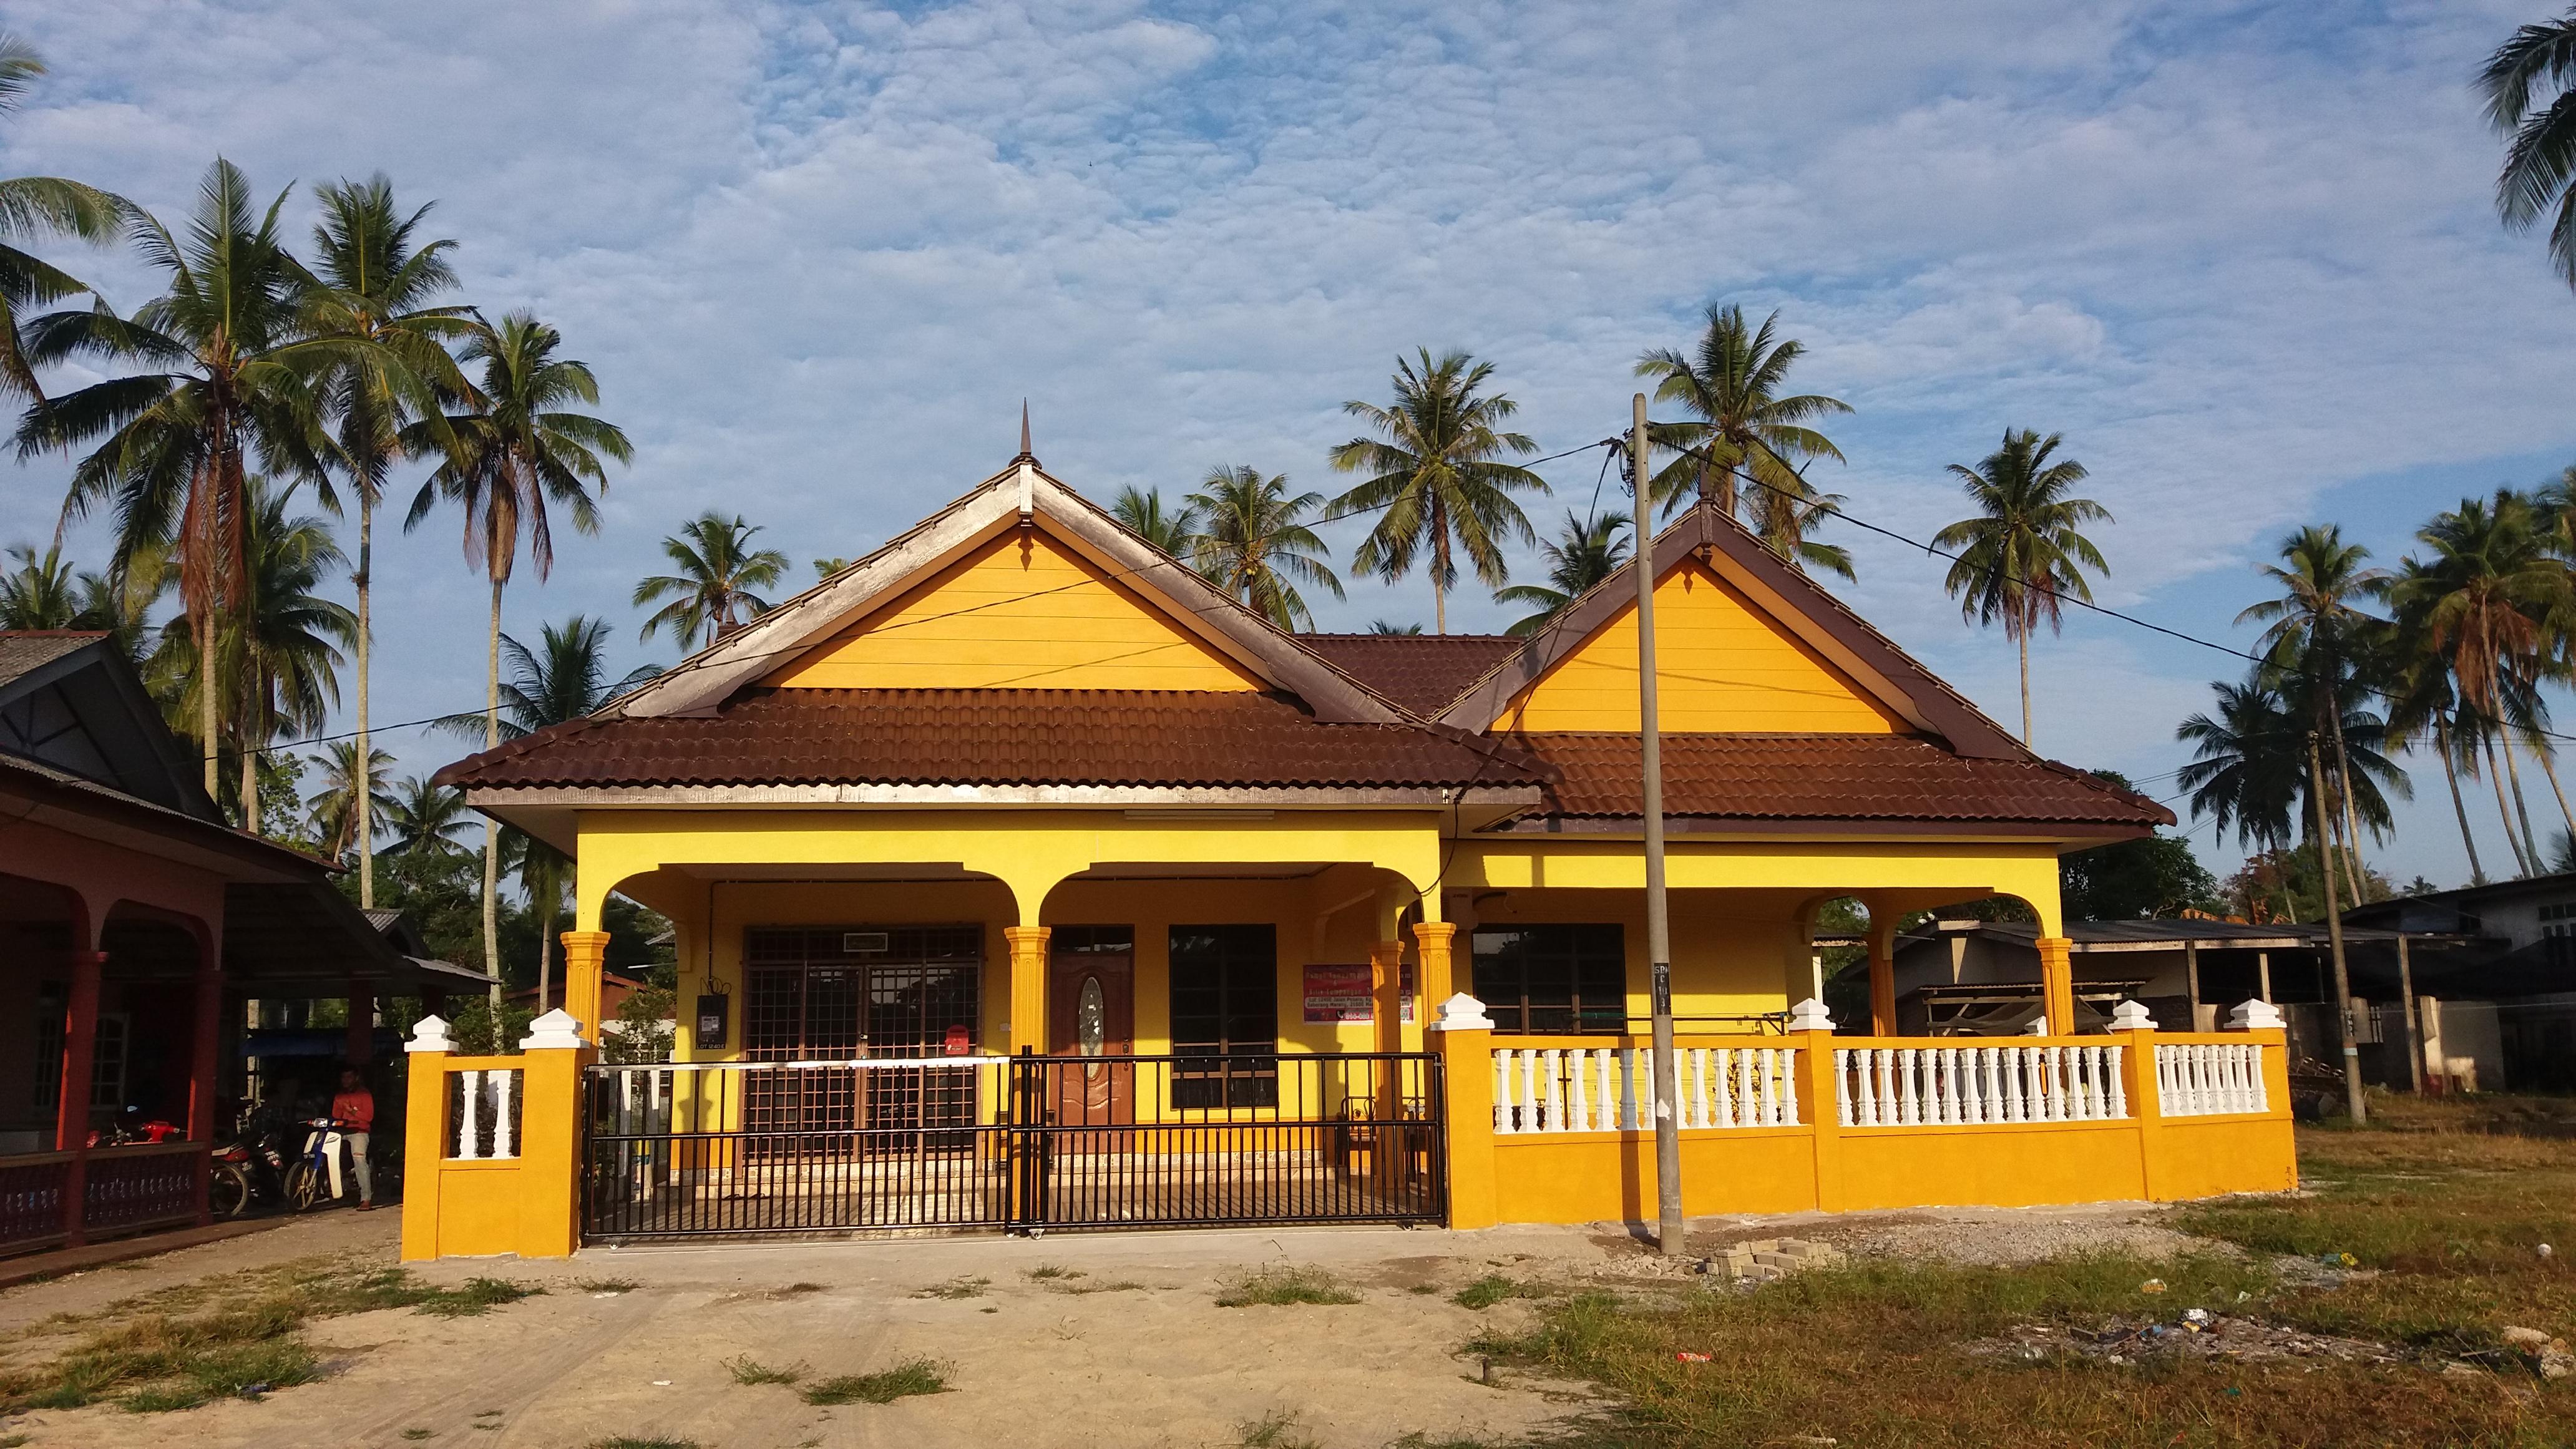 NUR SALAM Homestay Seberang Marang Terengganu